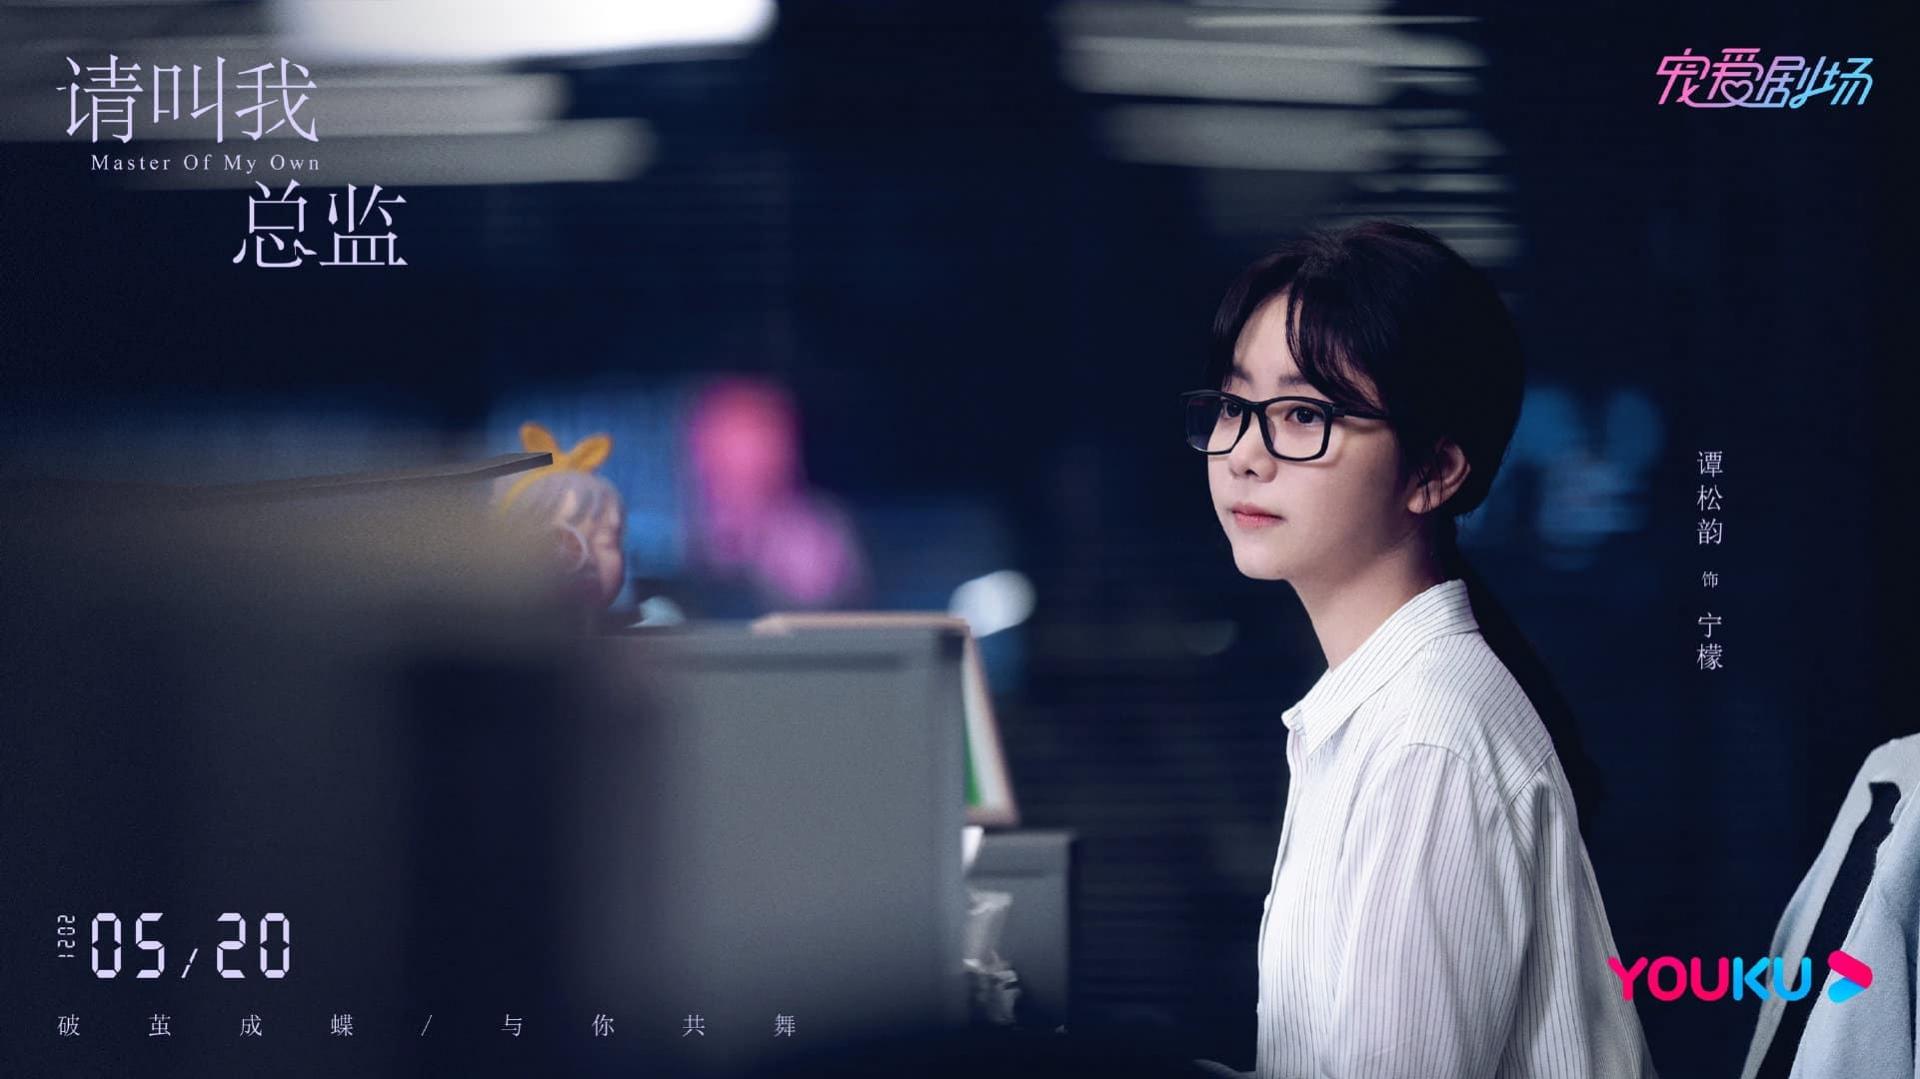 Đàm Tùng Vận hoang dại trong bộ ảnh mới, ánh mắt mơ màng khiến netizen 'chết tâm' 9